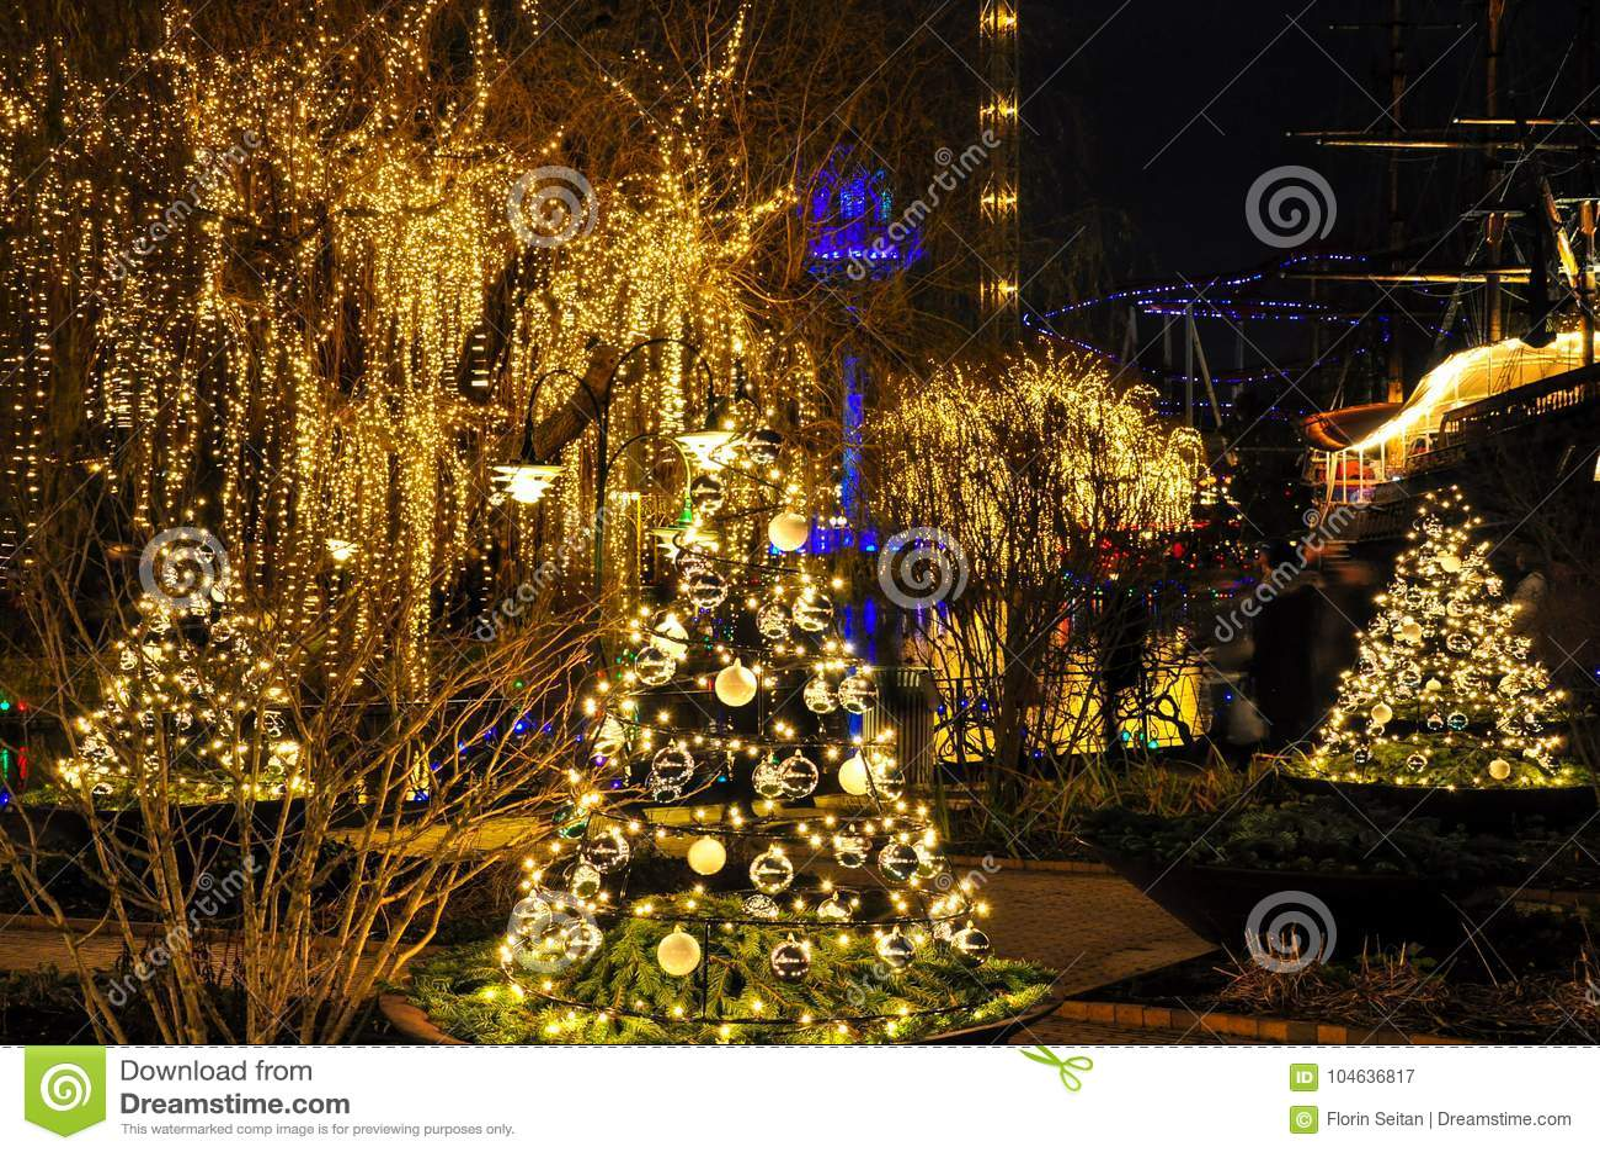 Download Kerstbomen En Lichten In Kopenhagen, Denemarken Stock Afbeelding - Afbeelding bestaande uit feestelijk, vakantie: 104636817